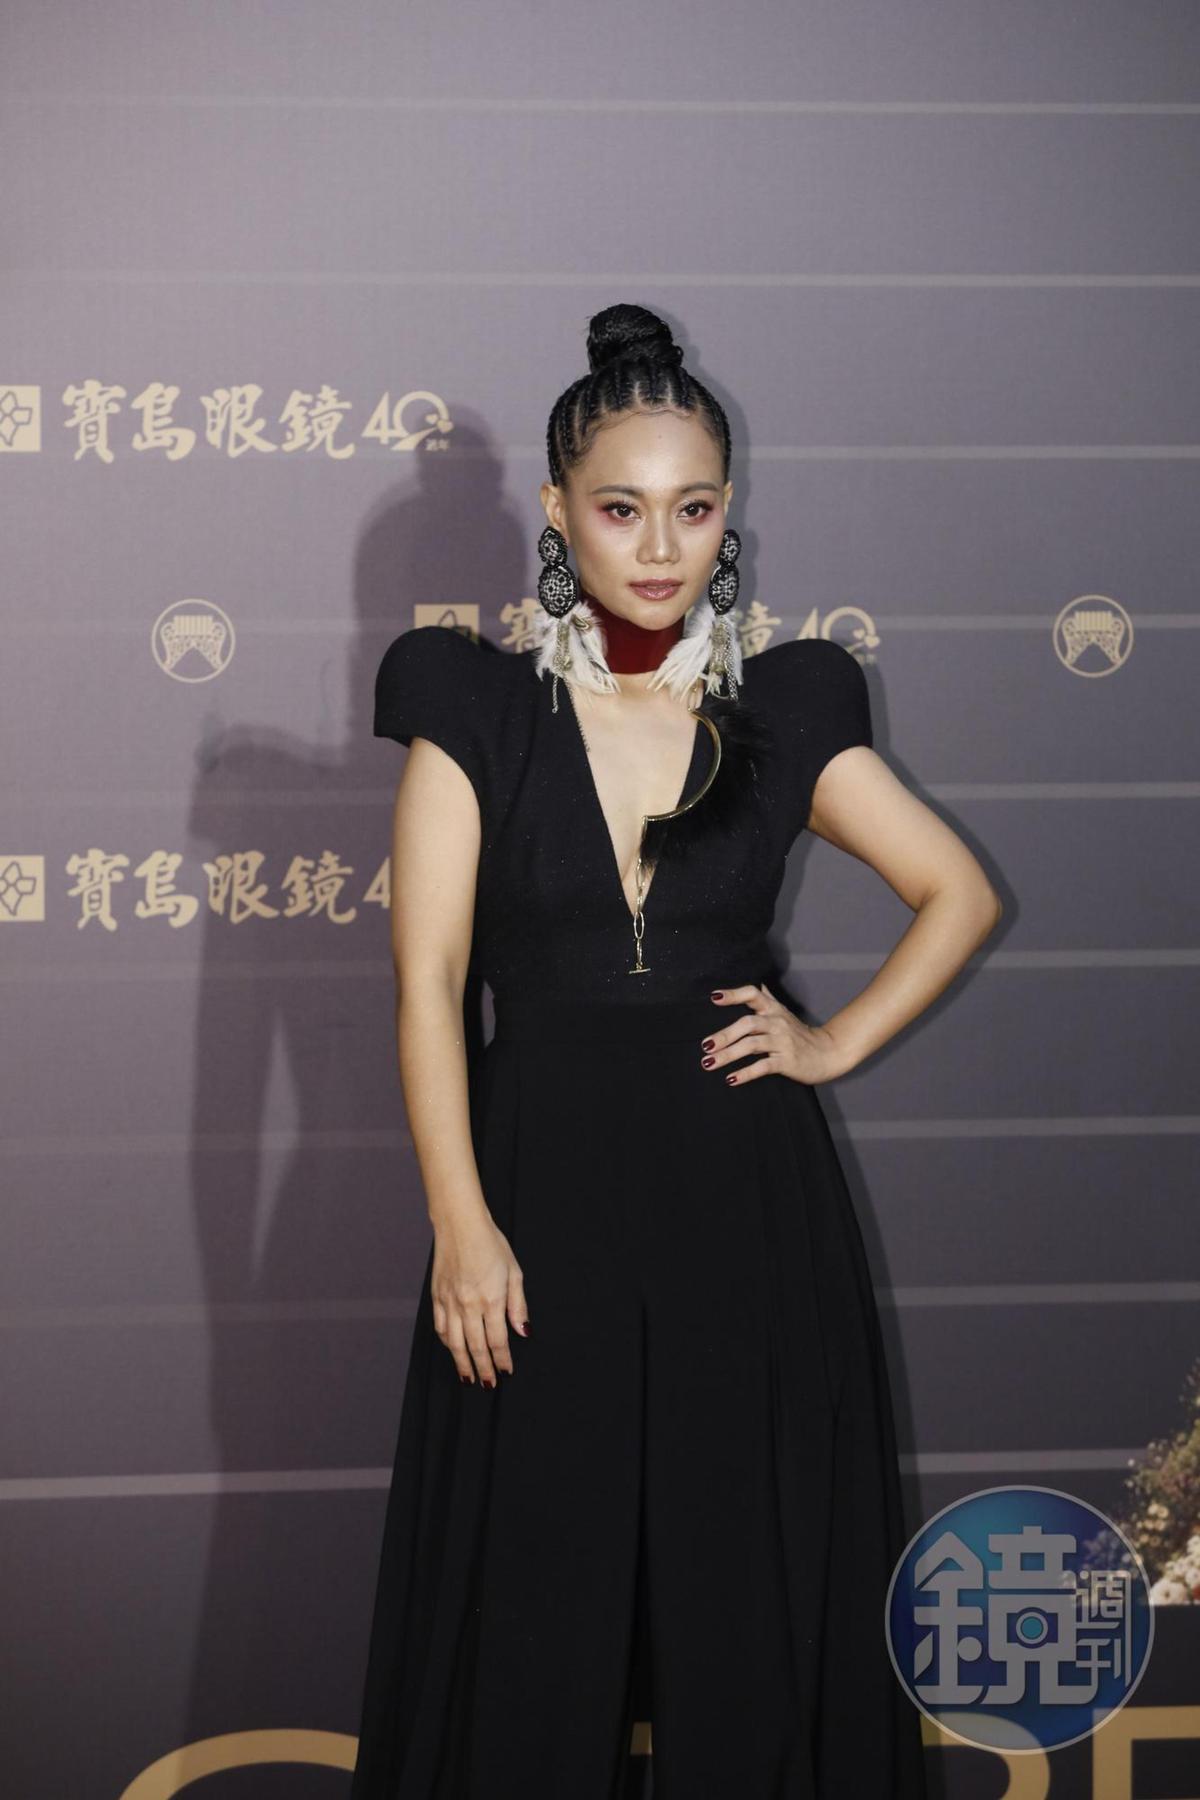 阿爆此次《kinakaian 母親的舌頭》專輯風光入圍八項,成為今年金曲獎最受矚目的歌手。